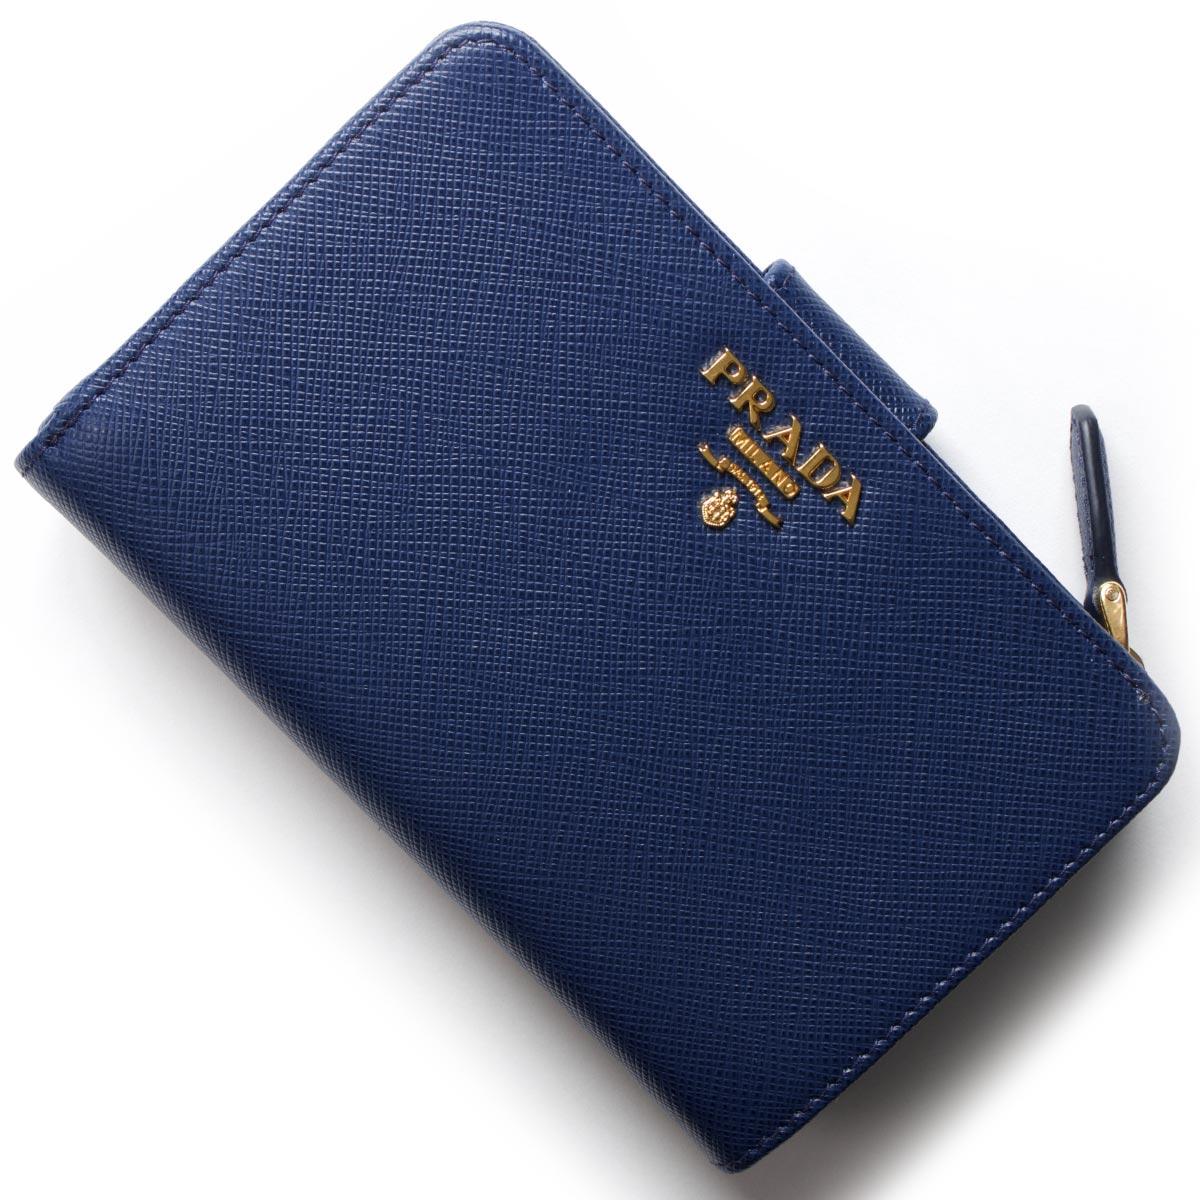 プラダ 二つ折り財布 財布 レディース サフィアーノ メタル SAFFIANO METAL ブリエッタブルー 1ML225 QWA F0016 PRADA